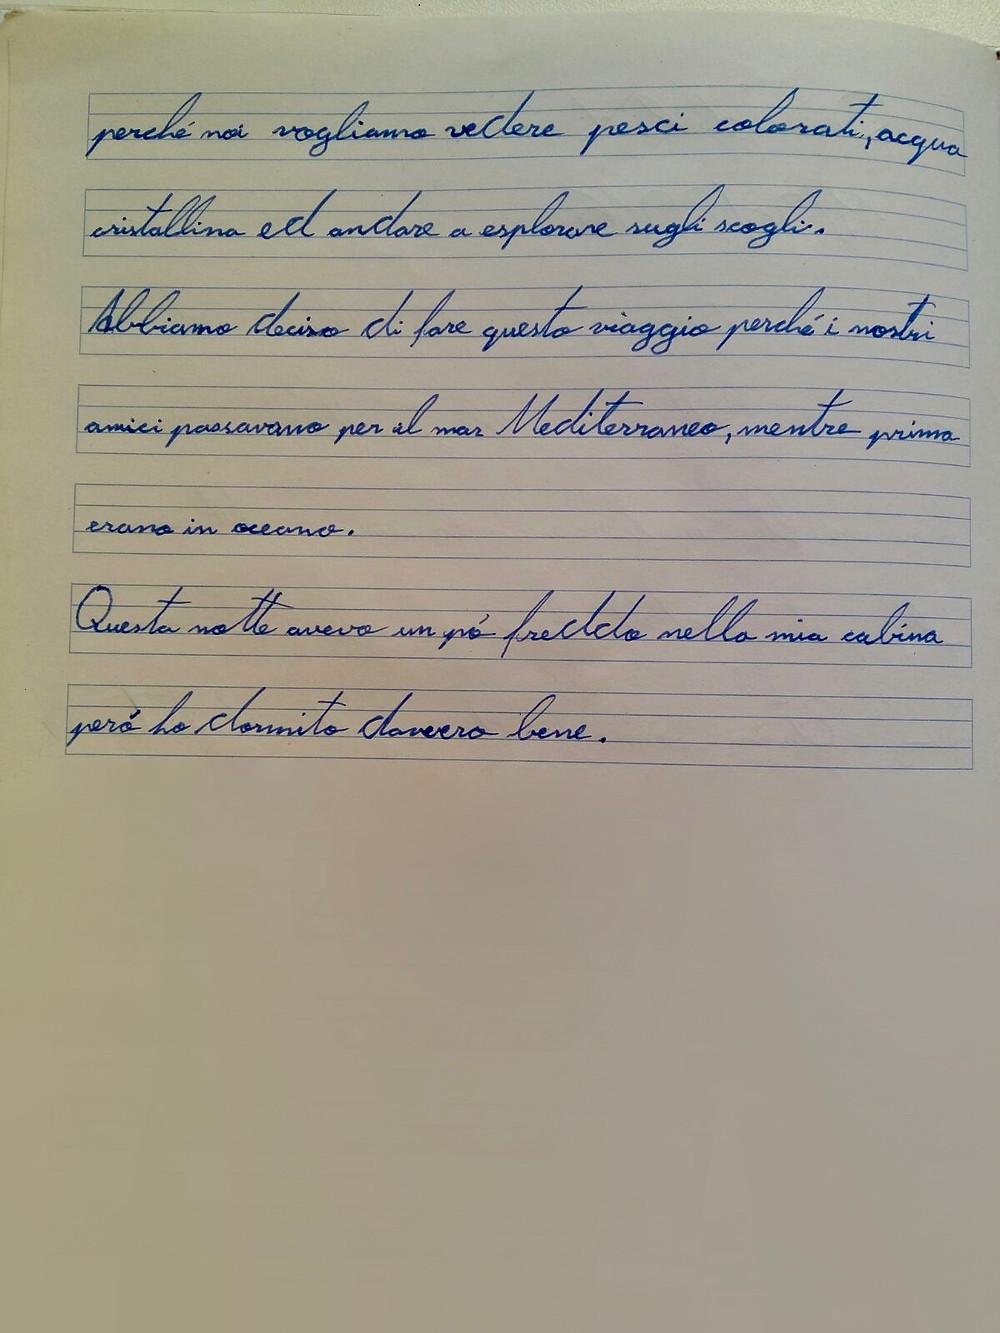 testo originale, scritto a mano, come una volta